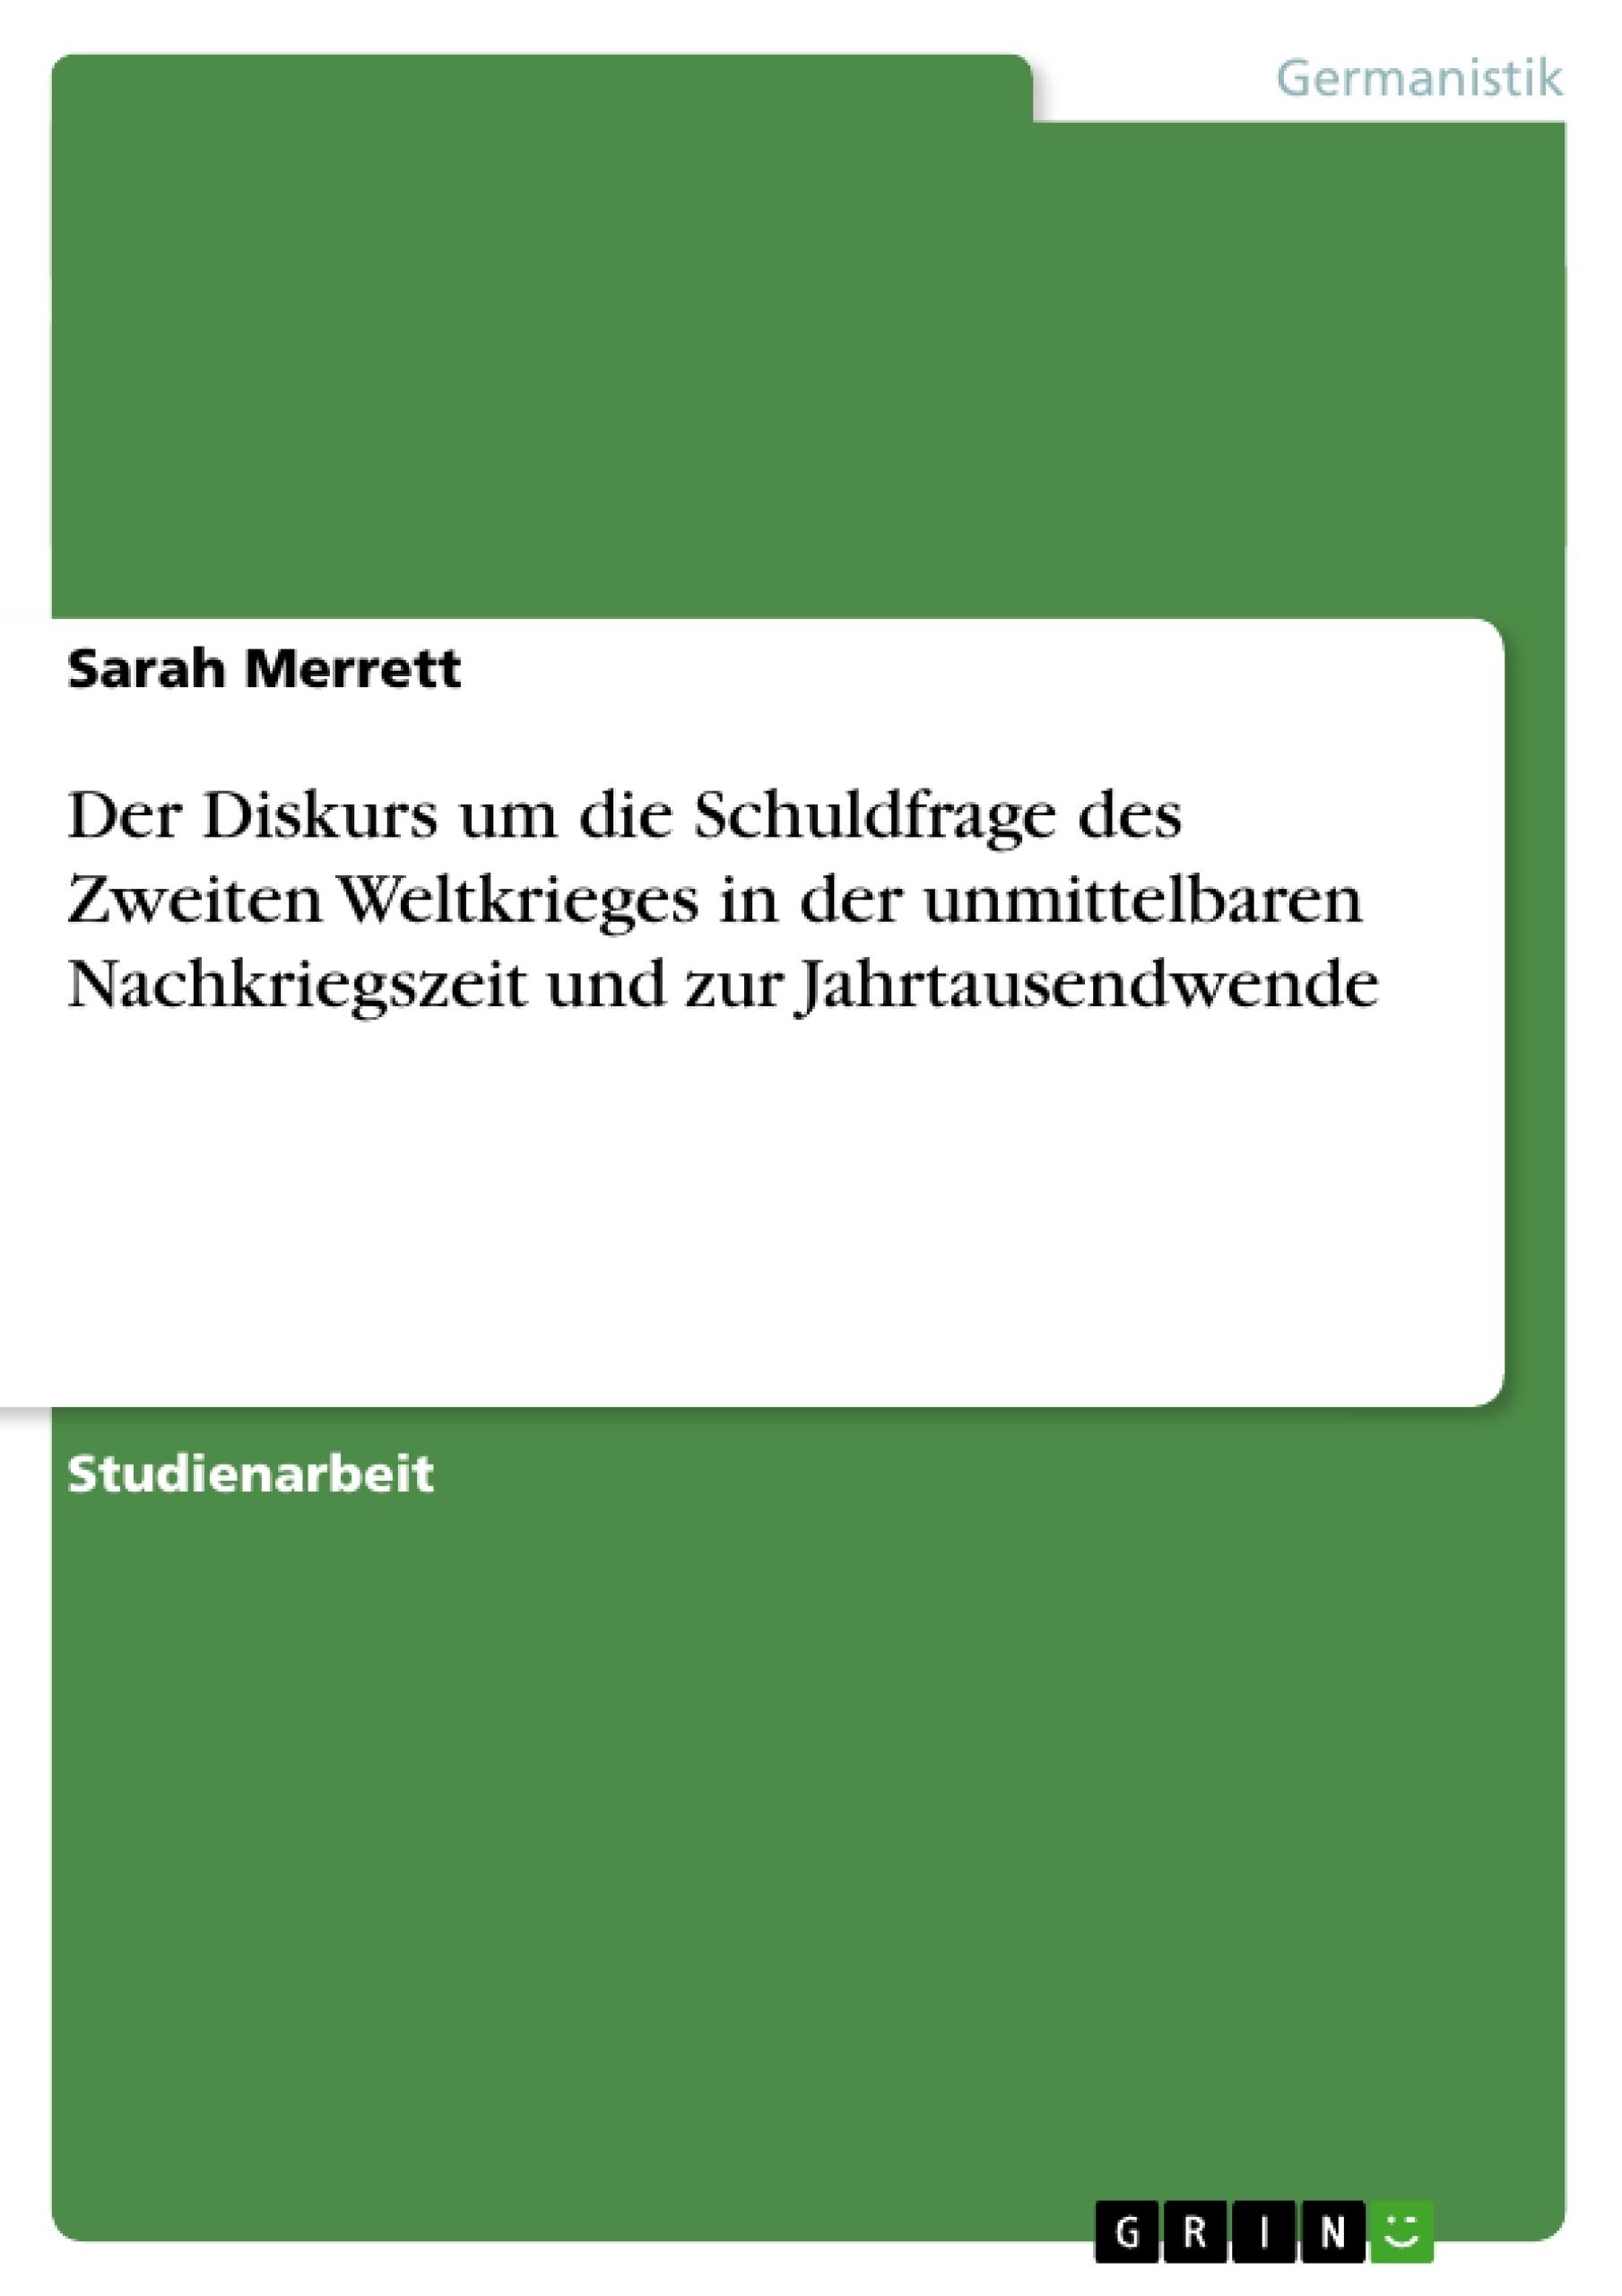 Titel: Der Diskurs um die Schuldfrage des Zweiten Weltkrieges in der unmittelbaren Nachkriegszeit und zur Jahrtausendwende